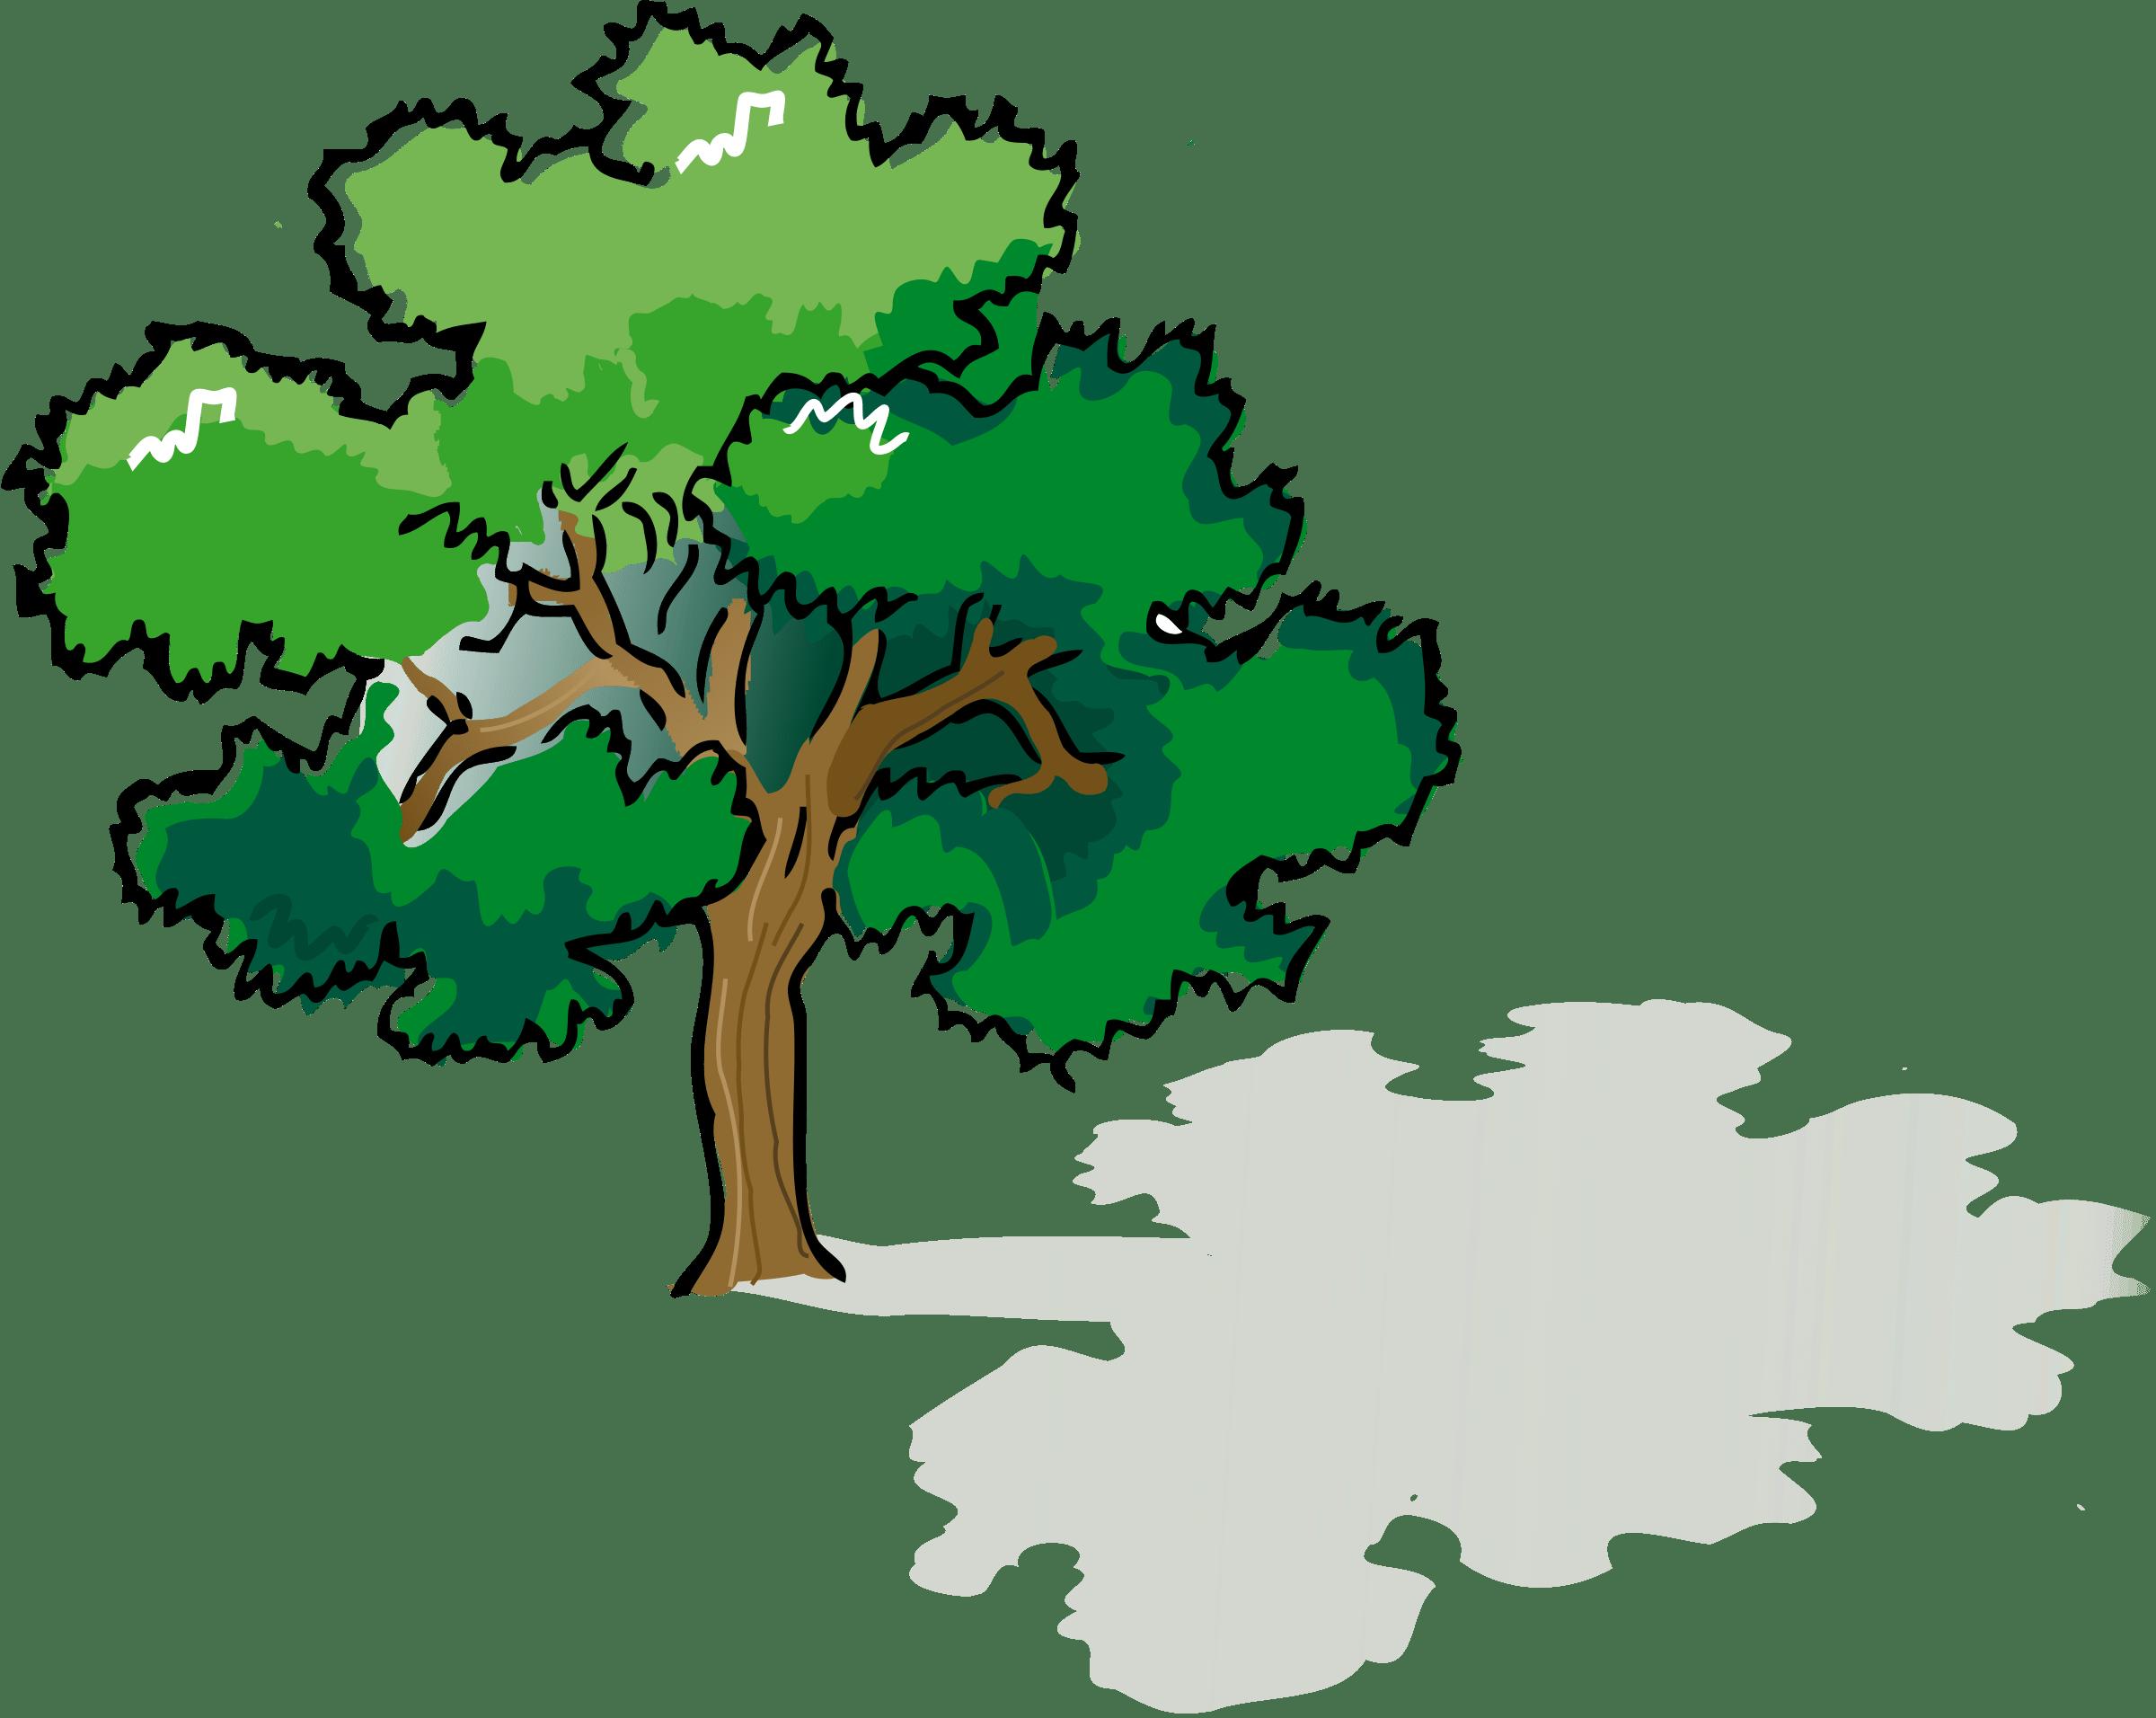 Clipart tree narra.